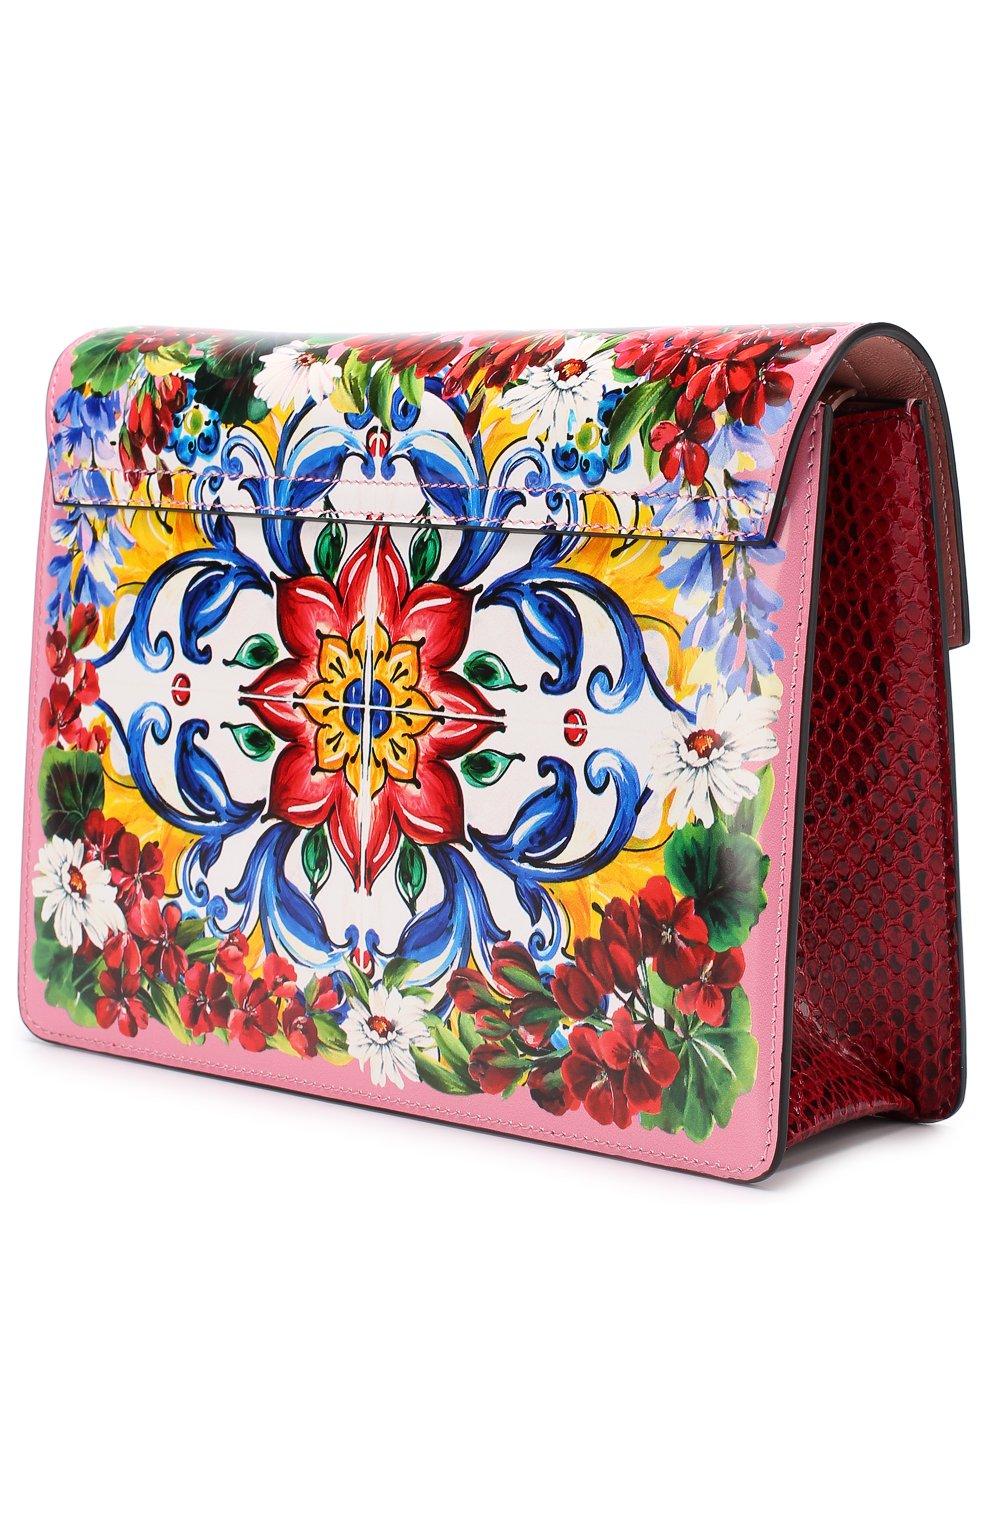 Сумка Lucia с принтом Dolce & Gabbana разноцветная цвета | Фото №3